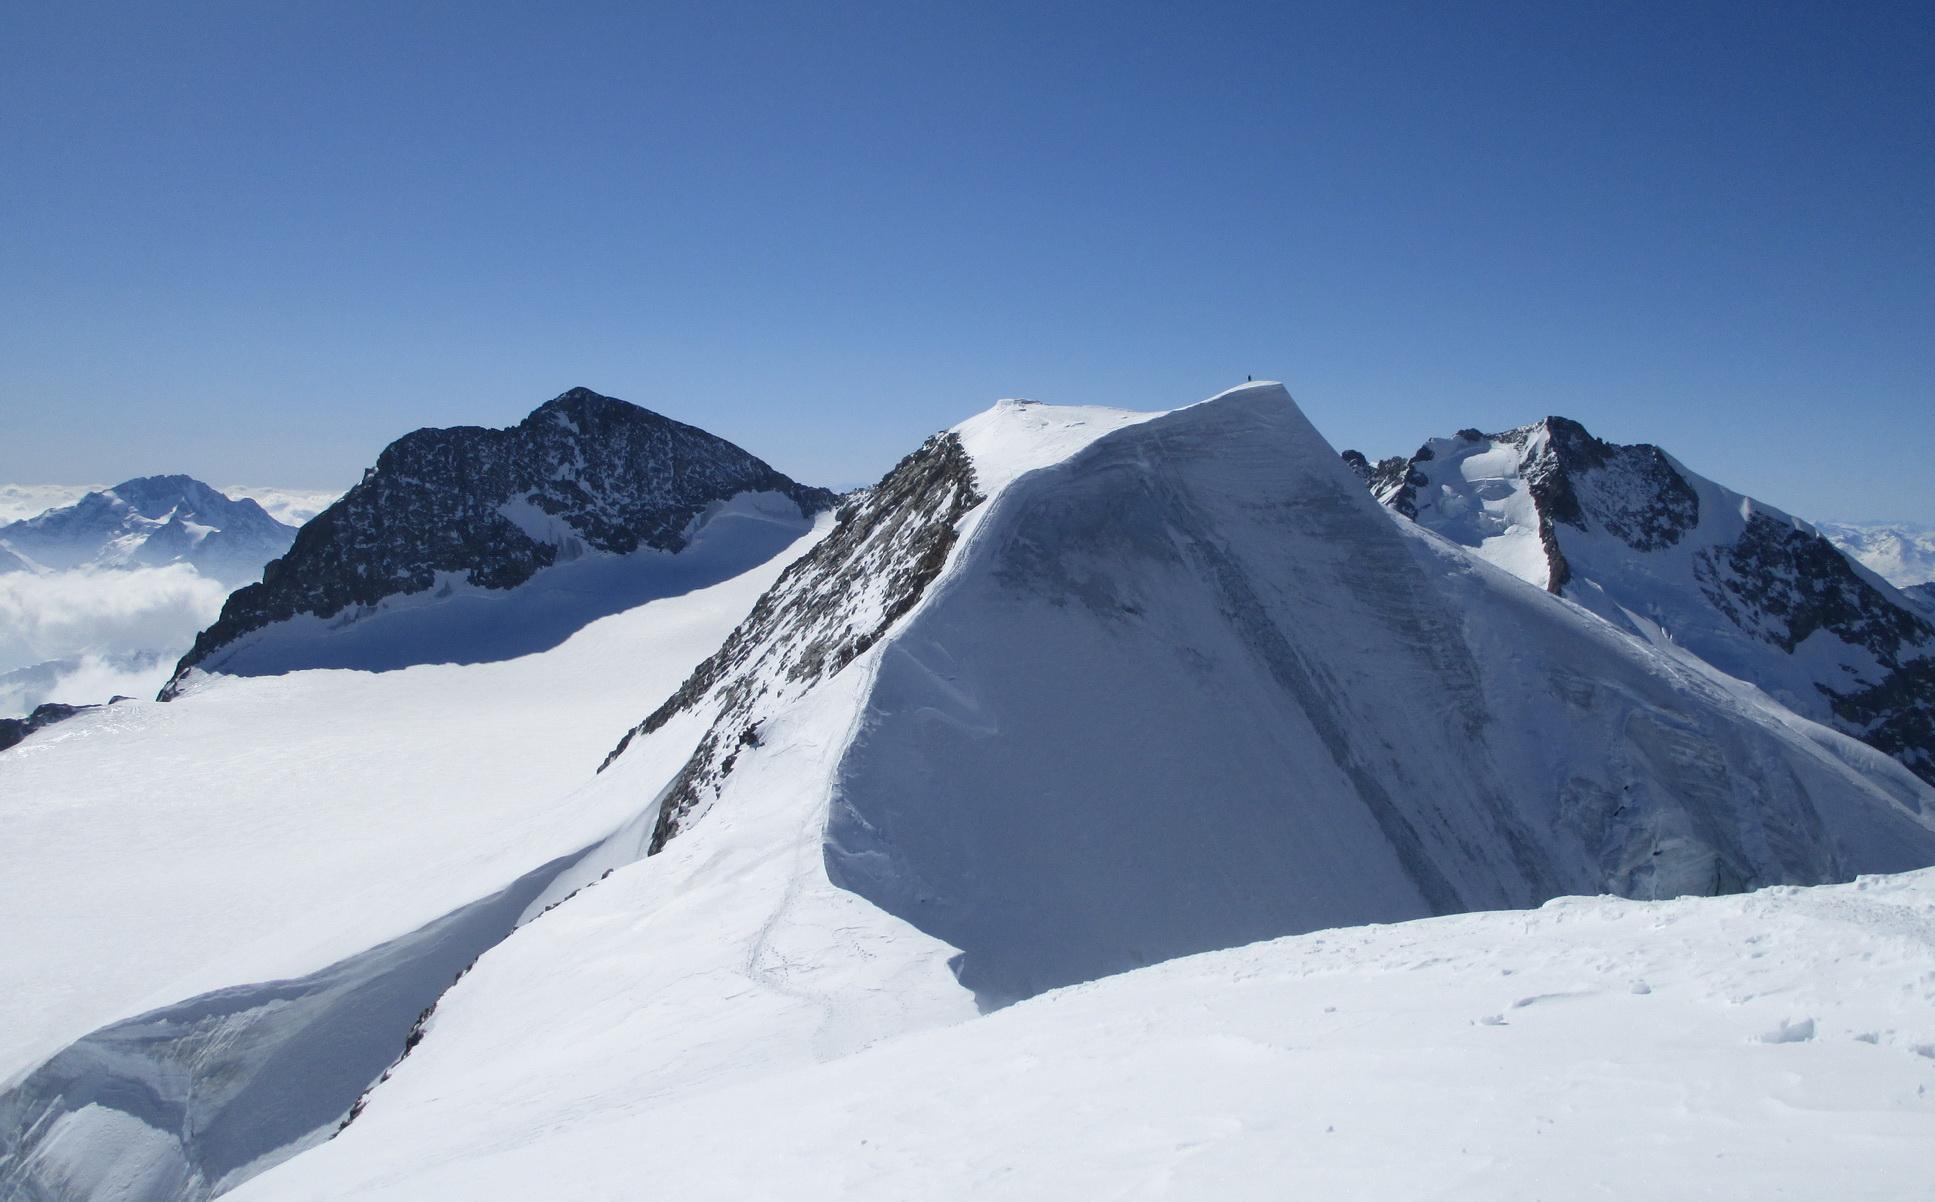 pohľad_z_východného_na_hlavný_vrchol,_úzky_ľadový_a_exponovaný_hrebeň